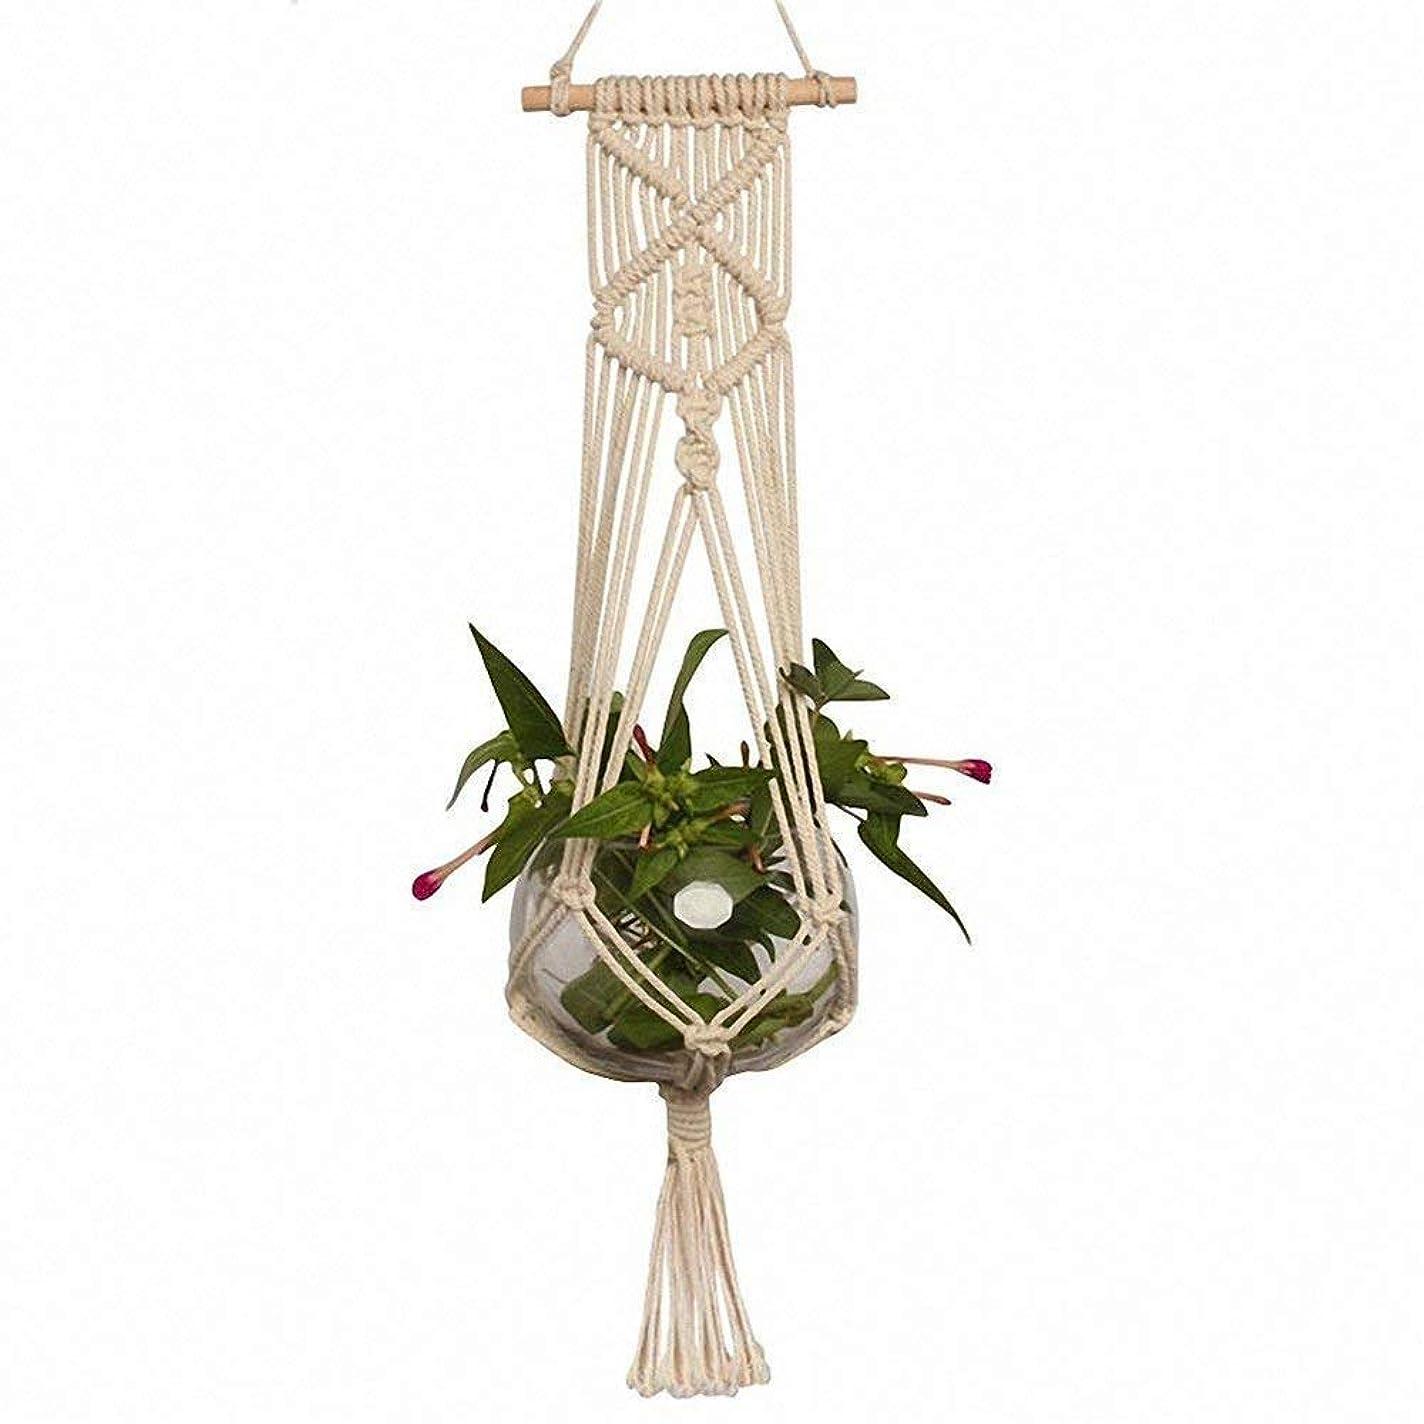 屈辱する寛大さリフレッシュ吊り下げロープ マクラメ ハンギングプランター マクラメ植物ハンガーぶら下げプランター屋内屋外コットンポットなし(1.05M) (色 : ベージュ, サイズ : 1.05M)